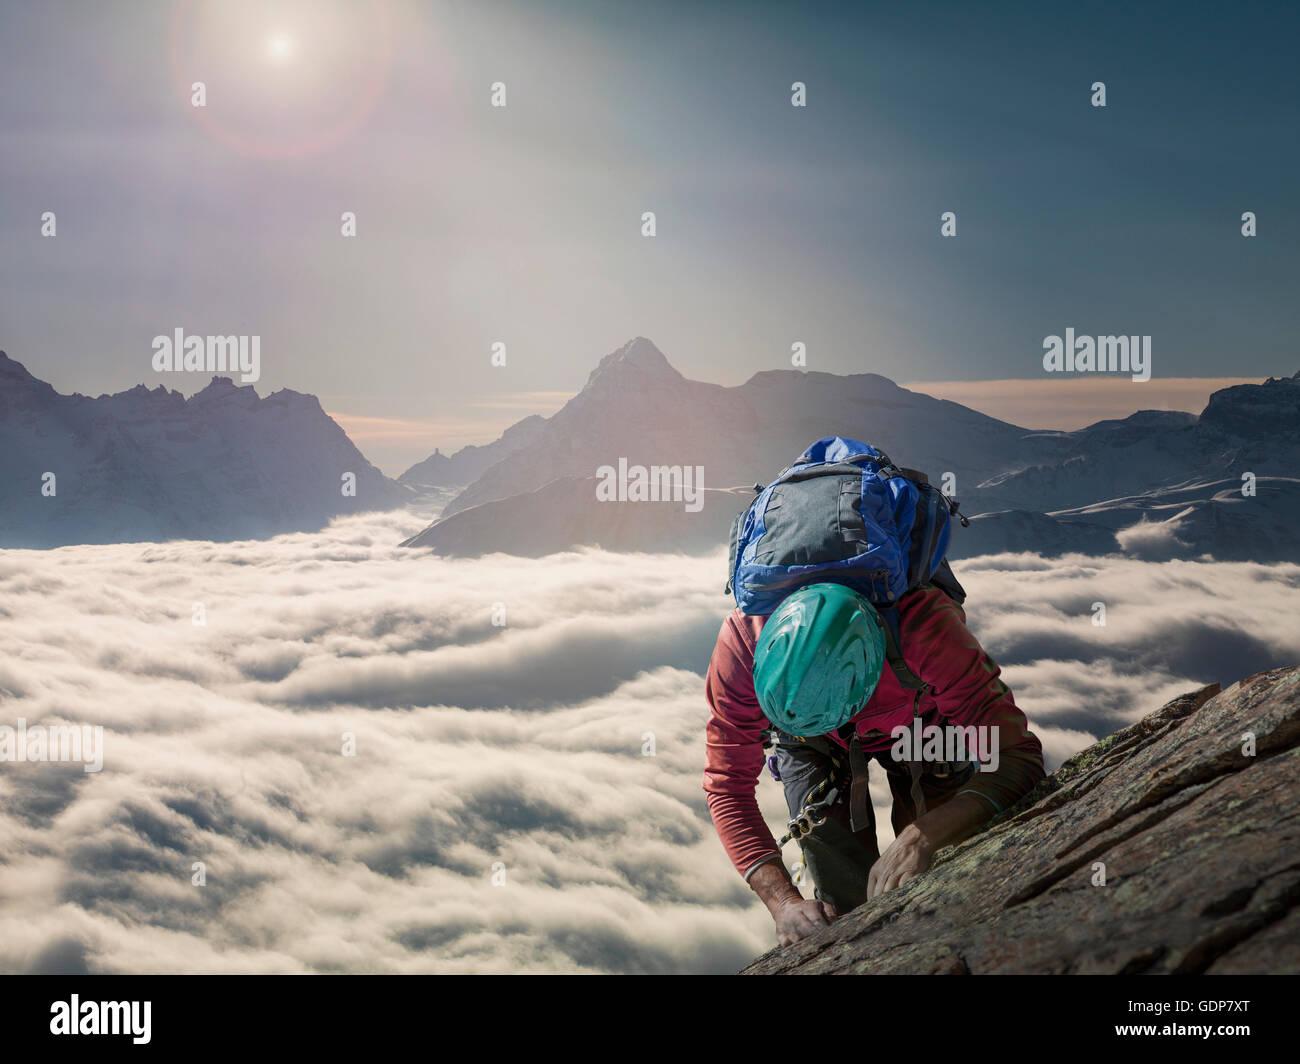 Scalatore su una parete rocciosa al di sopra di un mare di nebbia in una valle alpina, Alpi, Canton Vallese, Svizzera Immagini Stock